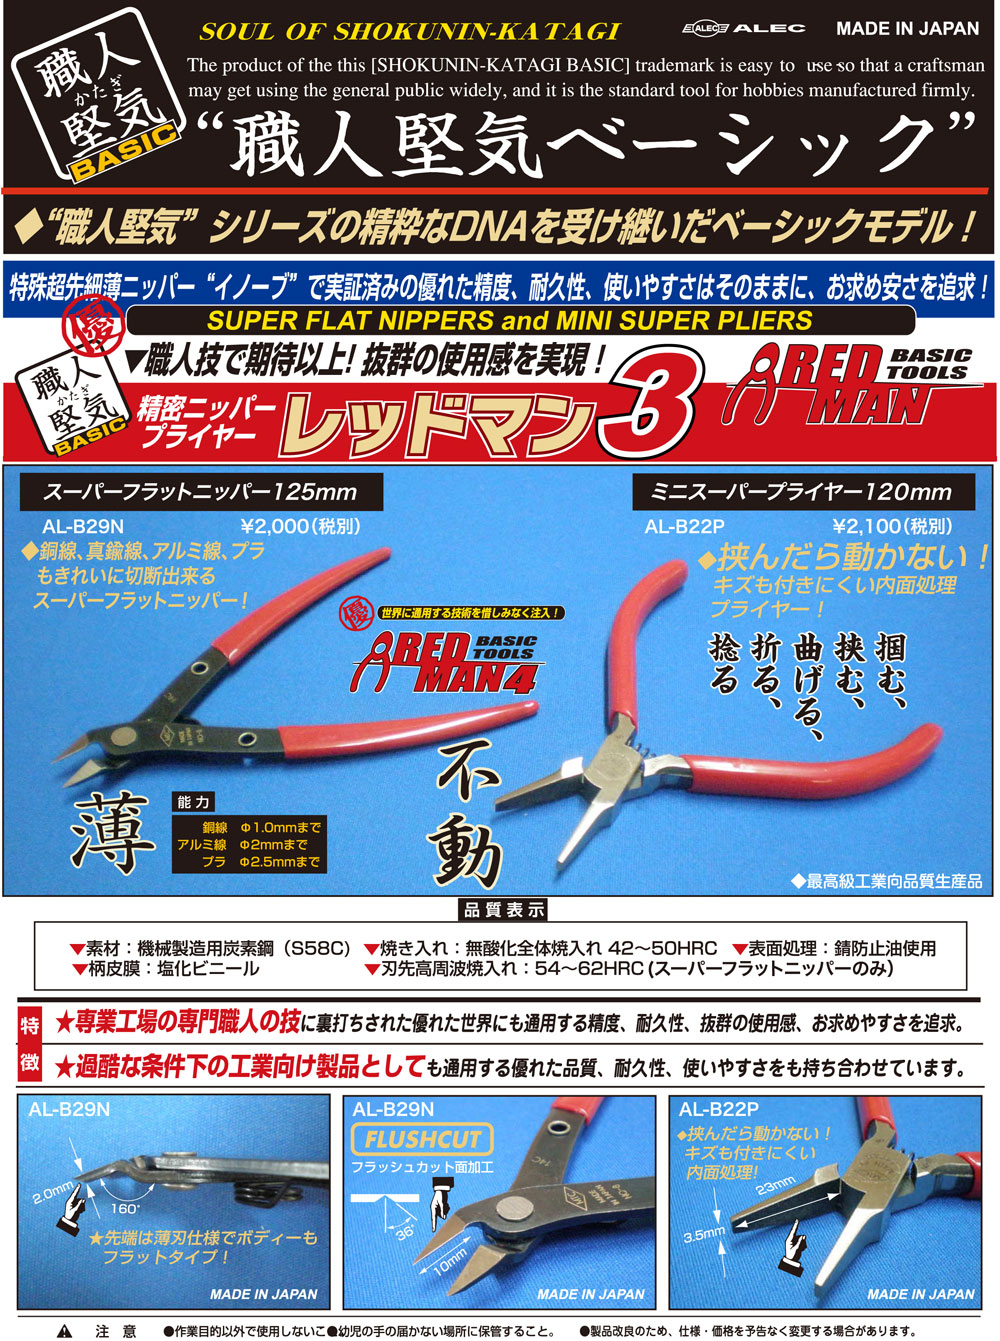 レッドマン 4 スーパーフラットニッパー 125mmニッパー(シモムラアレック職人堅気 ベーシックNo.AL-B029N)商品画像_2